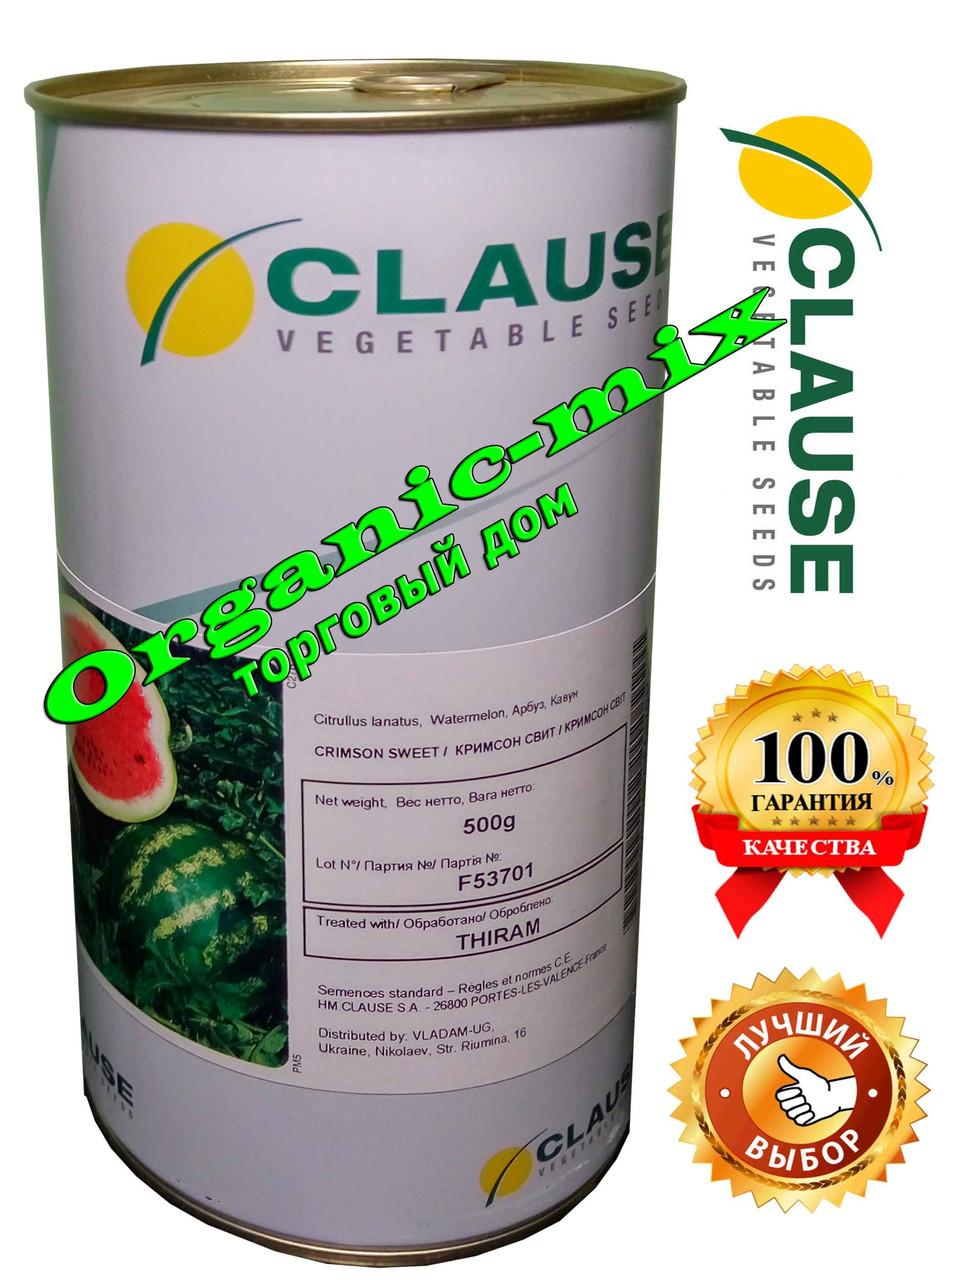 Семена арбуза Кримсон Свит Clause (Клоз), Франция, ж/б банка 500 грамм